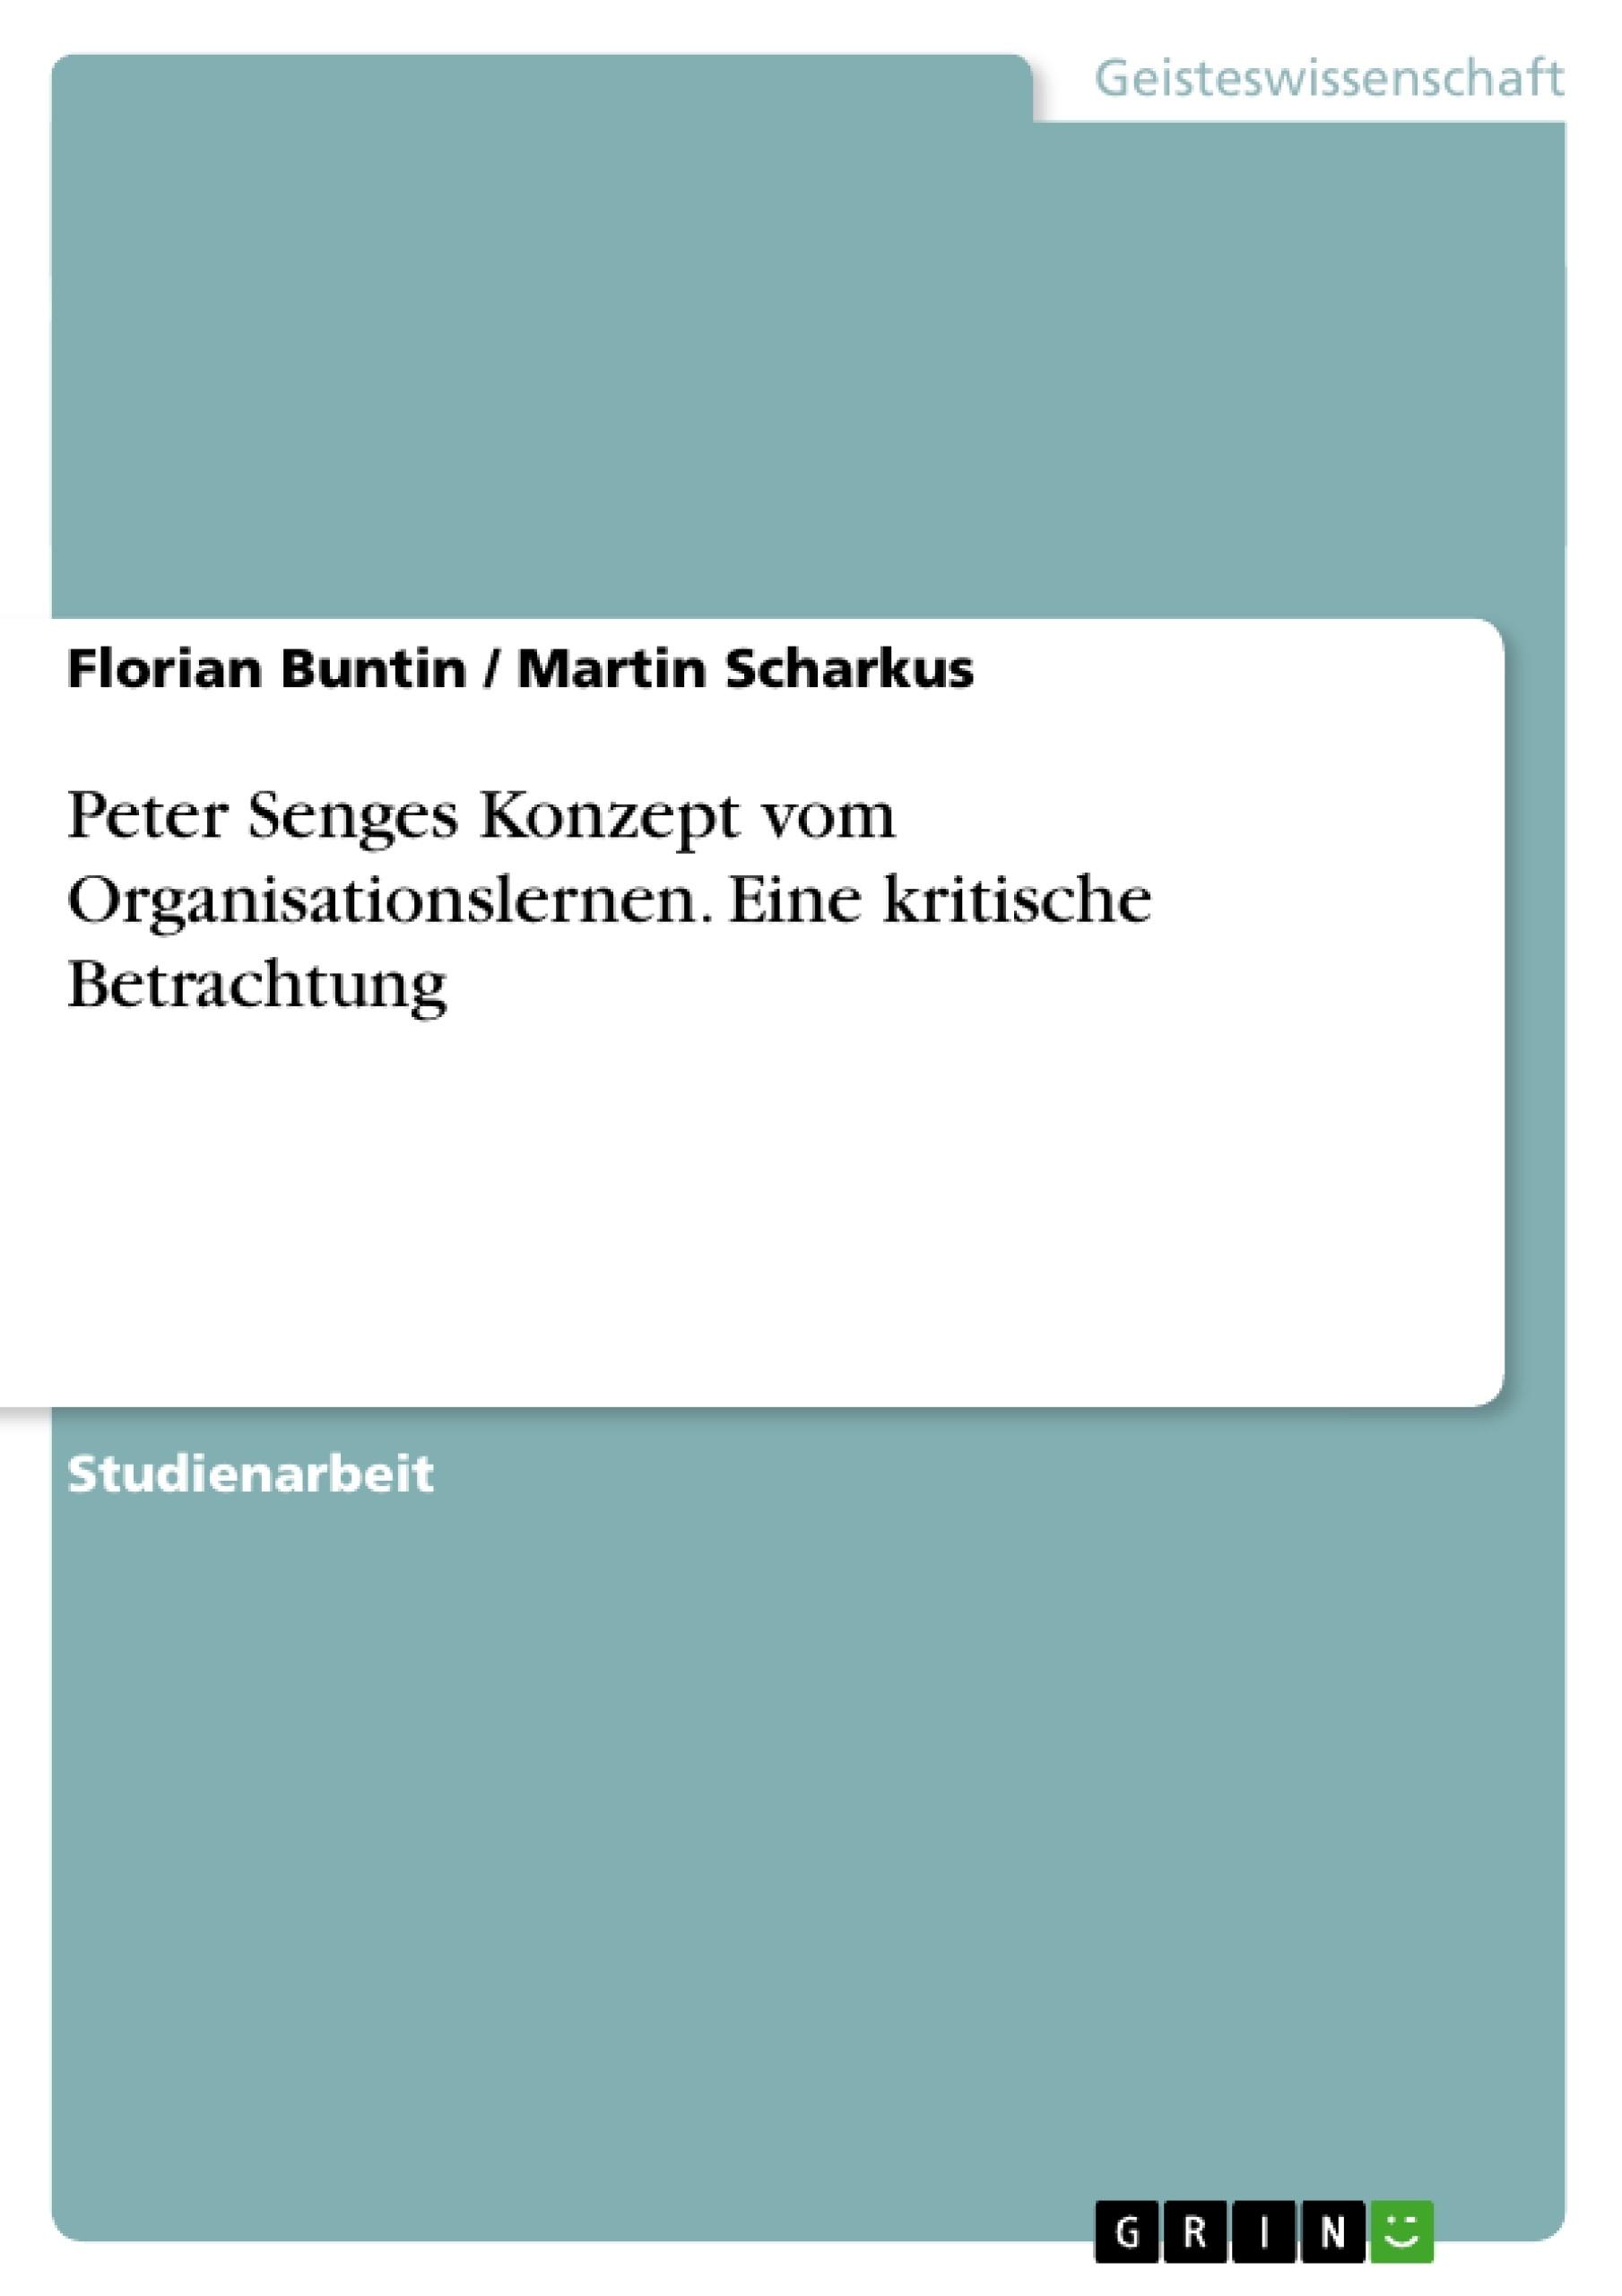 Titel: Peter Senges Konzept vom Organisationslernen. Eine kritische Betrachtung